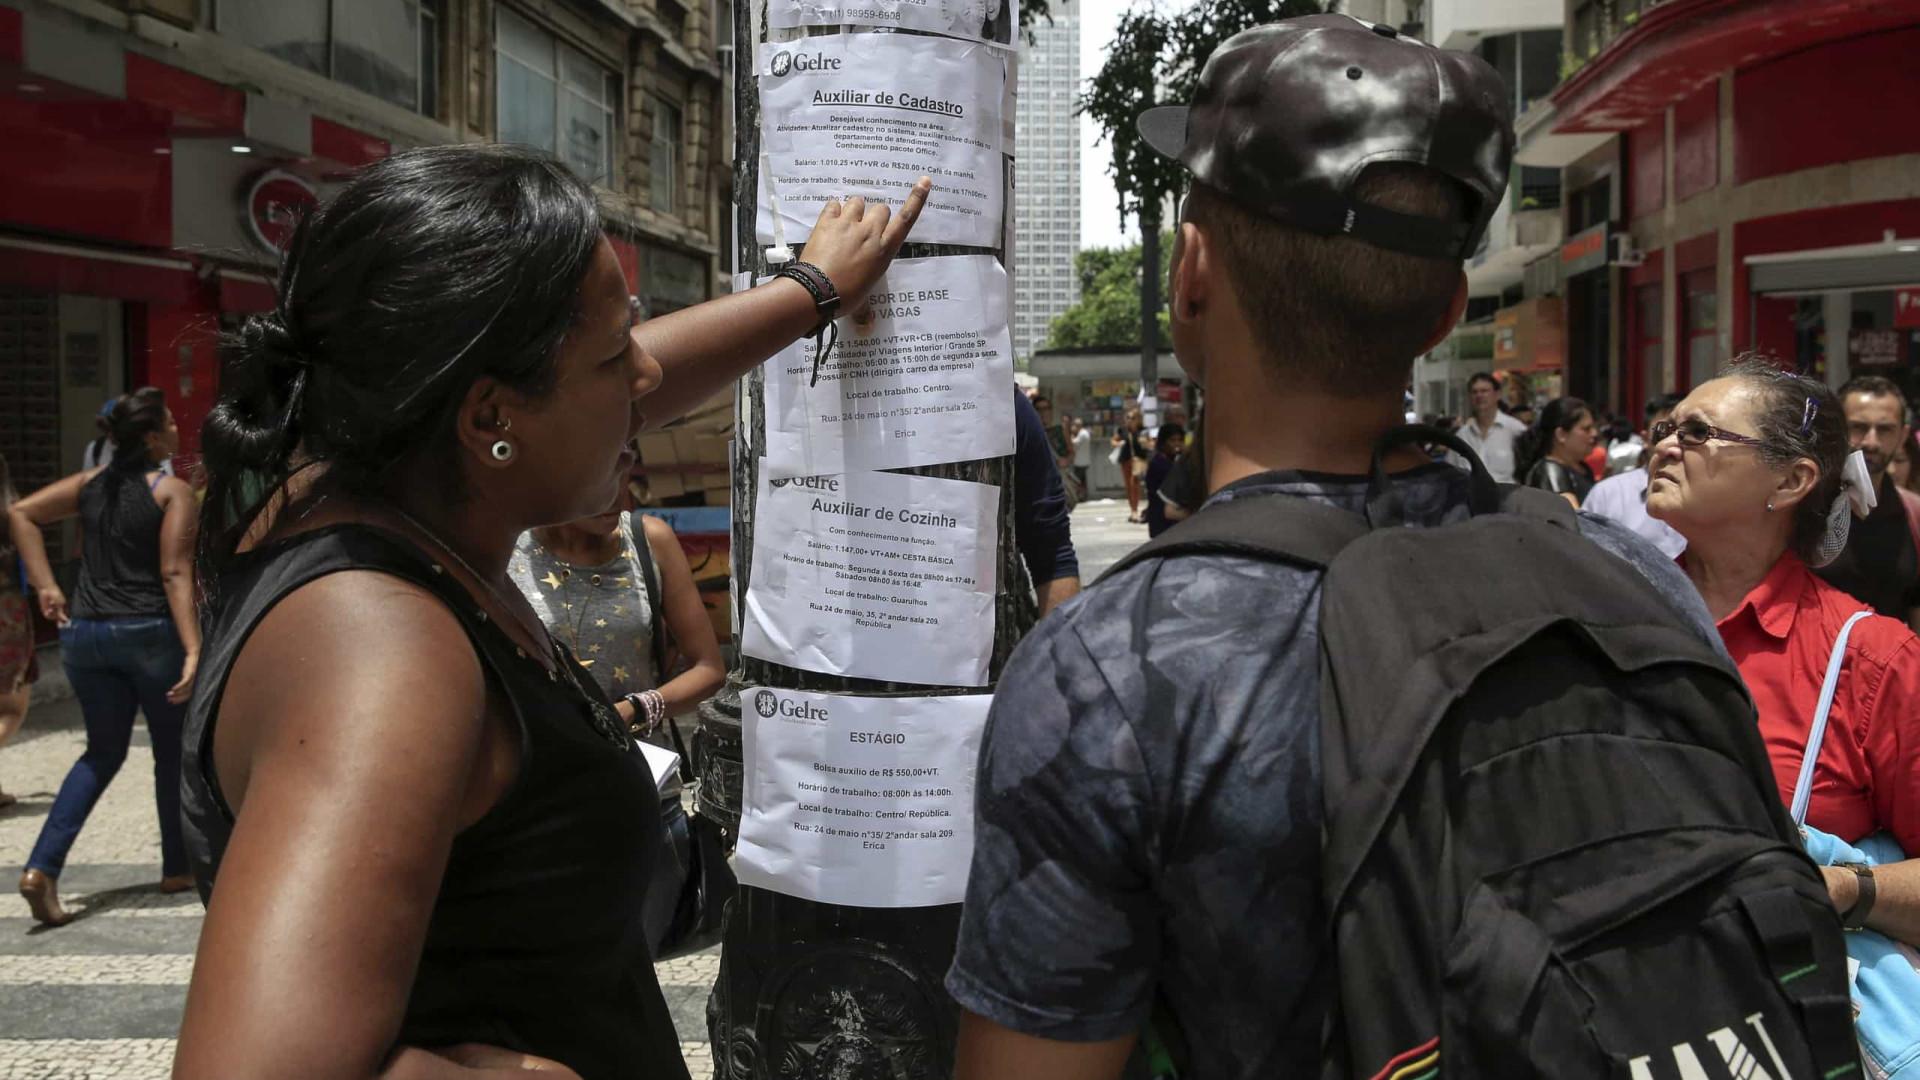 Desigualdade de rendimento no Brasil atingiu maior patamar desde 2012